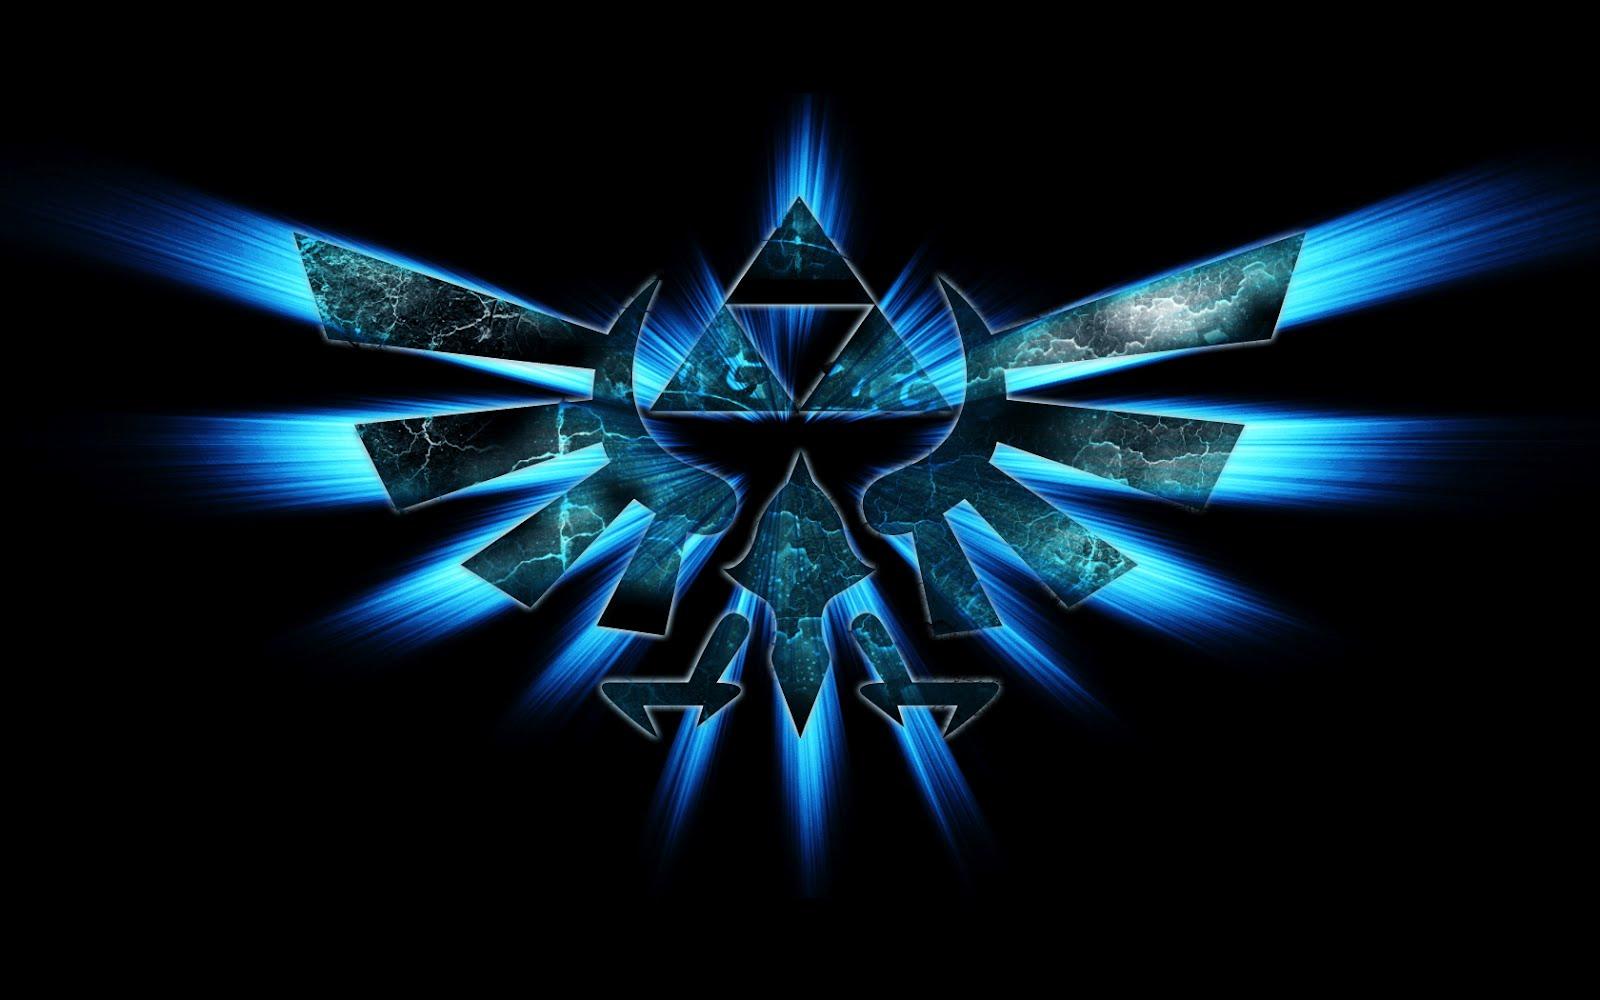 Blue Logo Symbol Cool Wallpaper 2117 Wallpaper 1600x1000